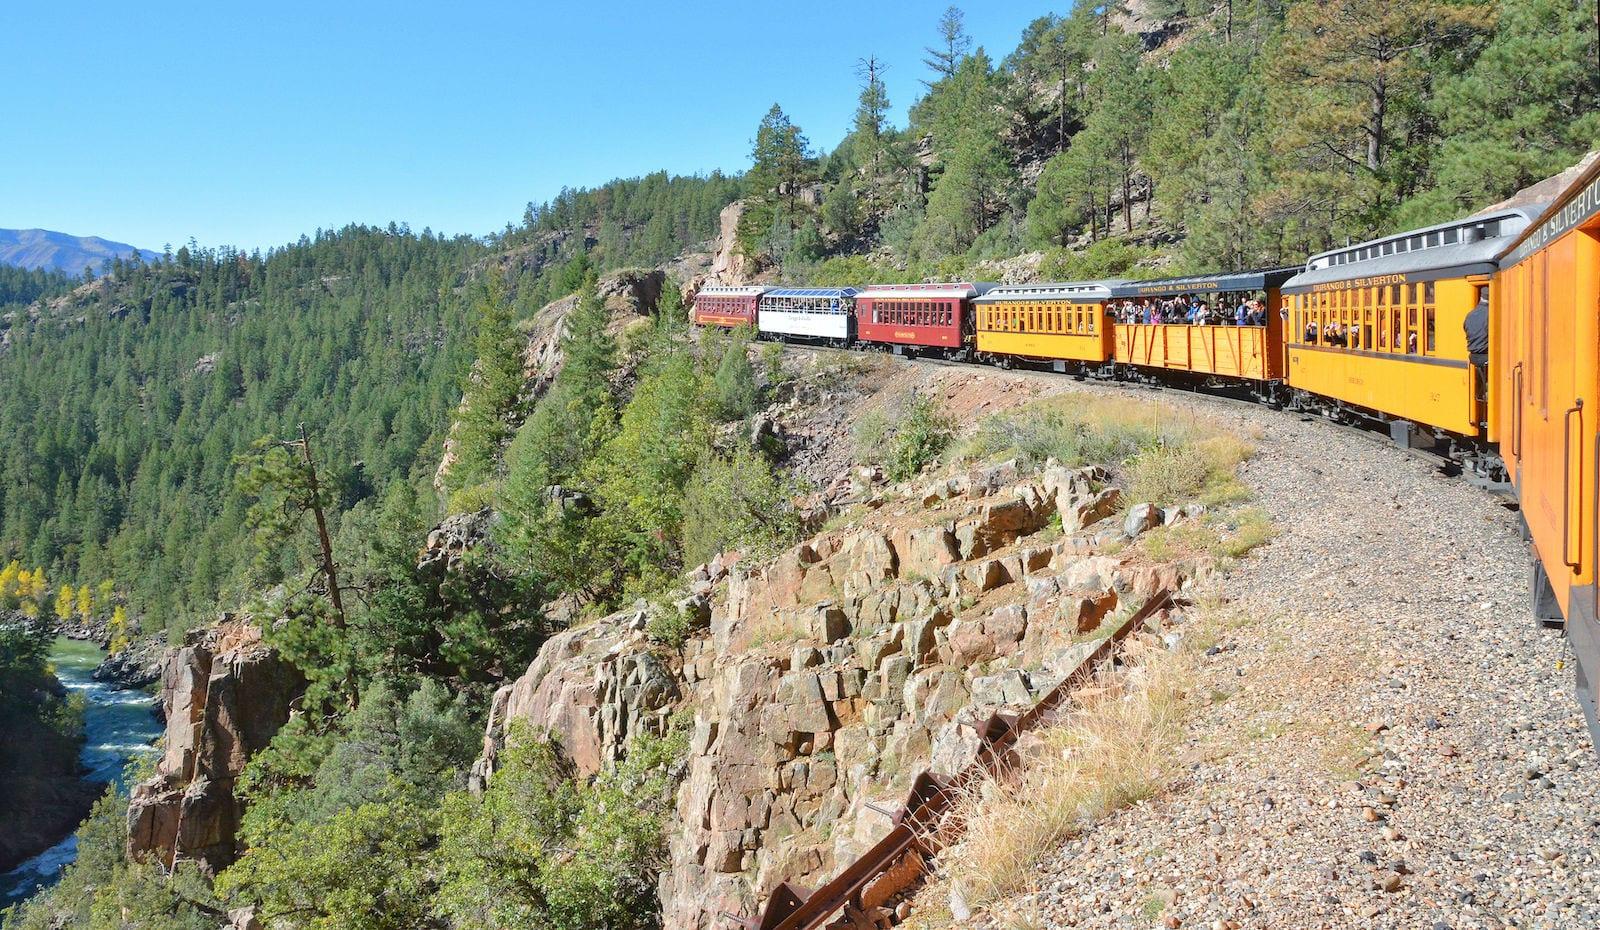 Durango and Silverton Narrow Gauge Railroad Above Animas River